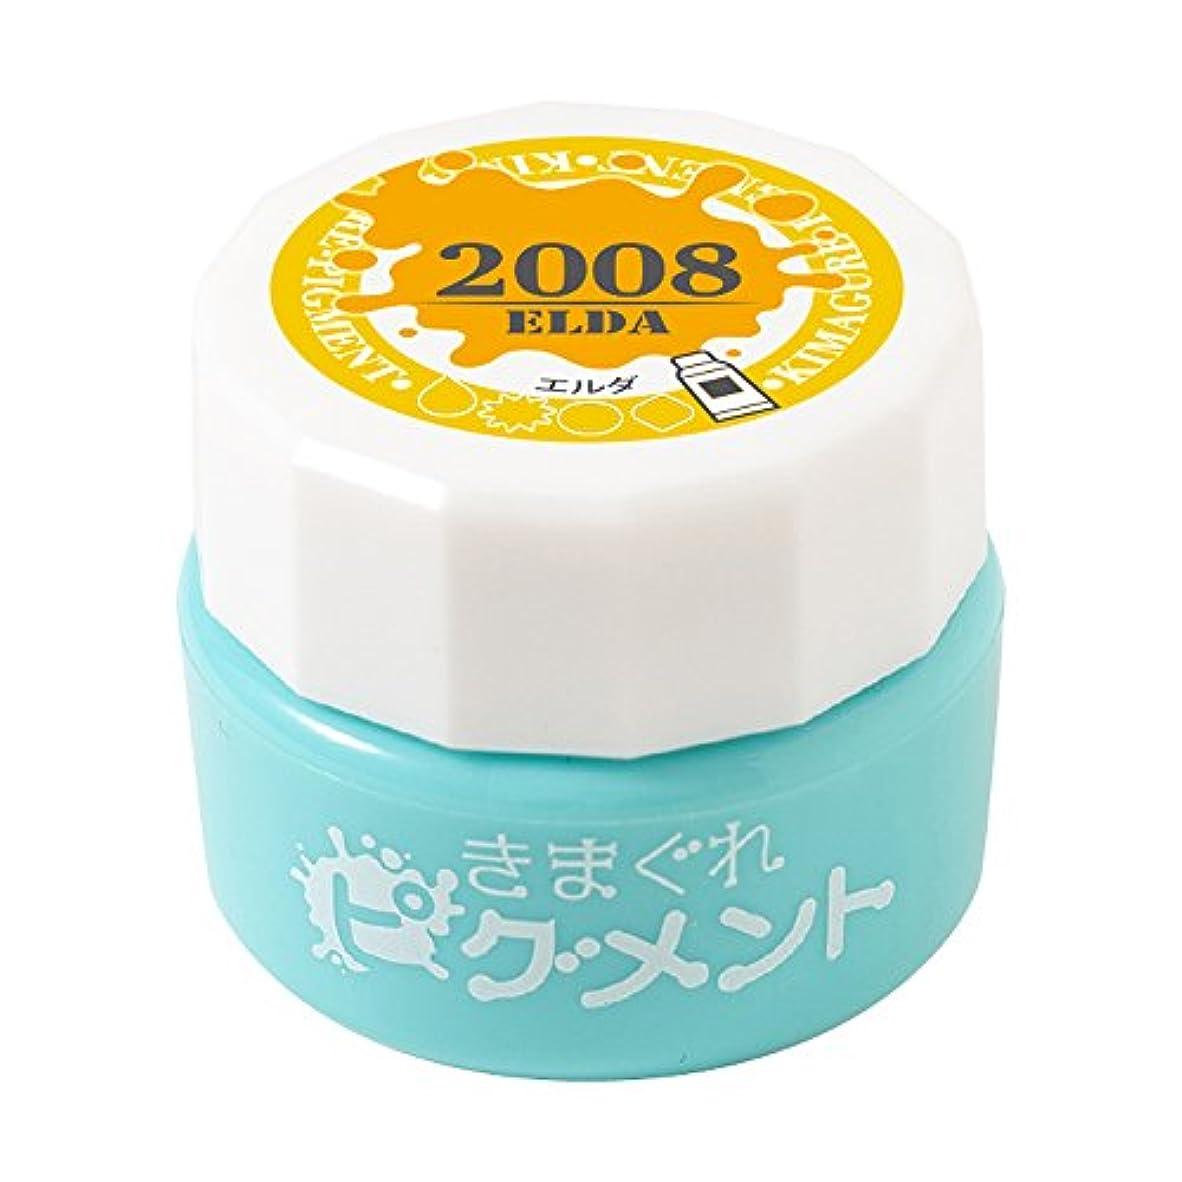 完了用心深い株式会社Bettygel きまぐれピグメント エルダ QYJ-2008 4g UV/LED対応